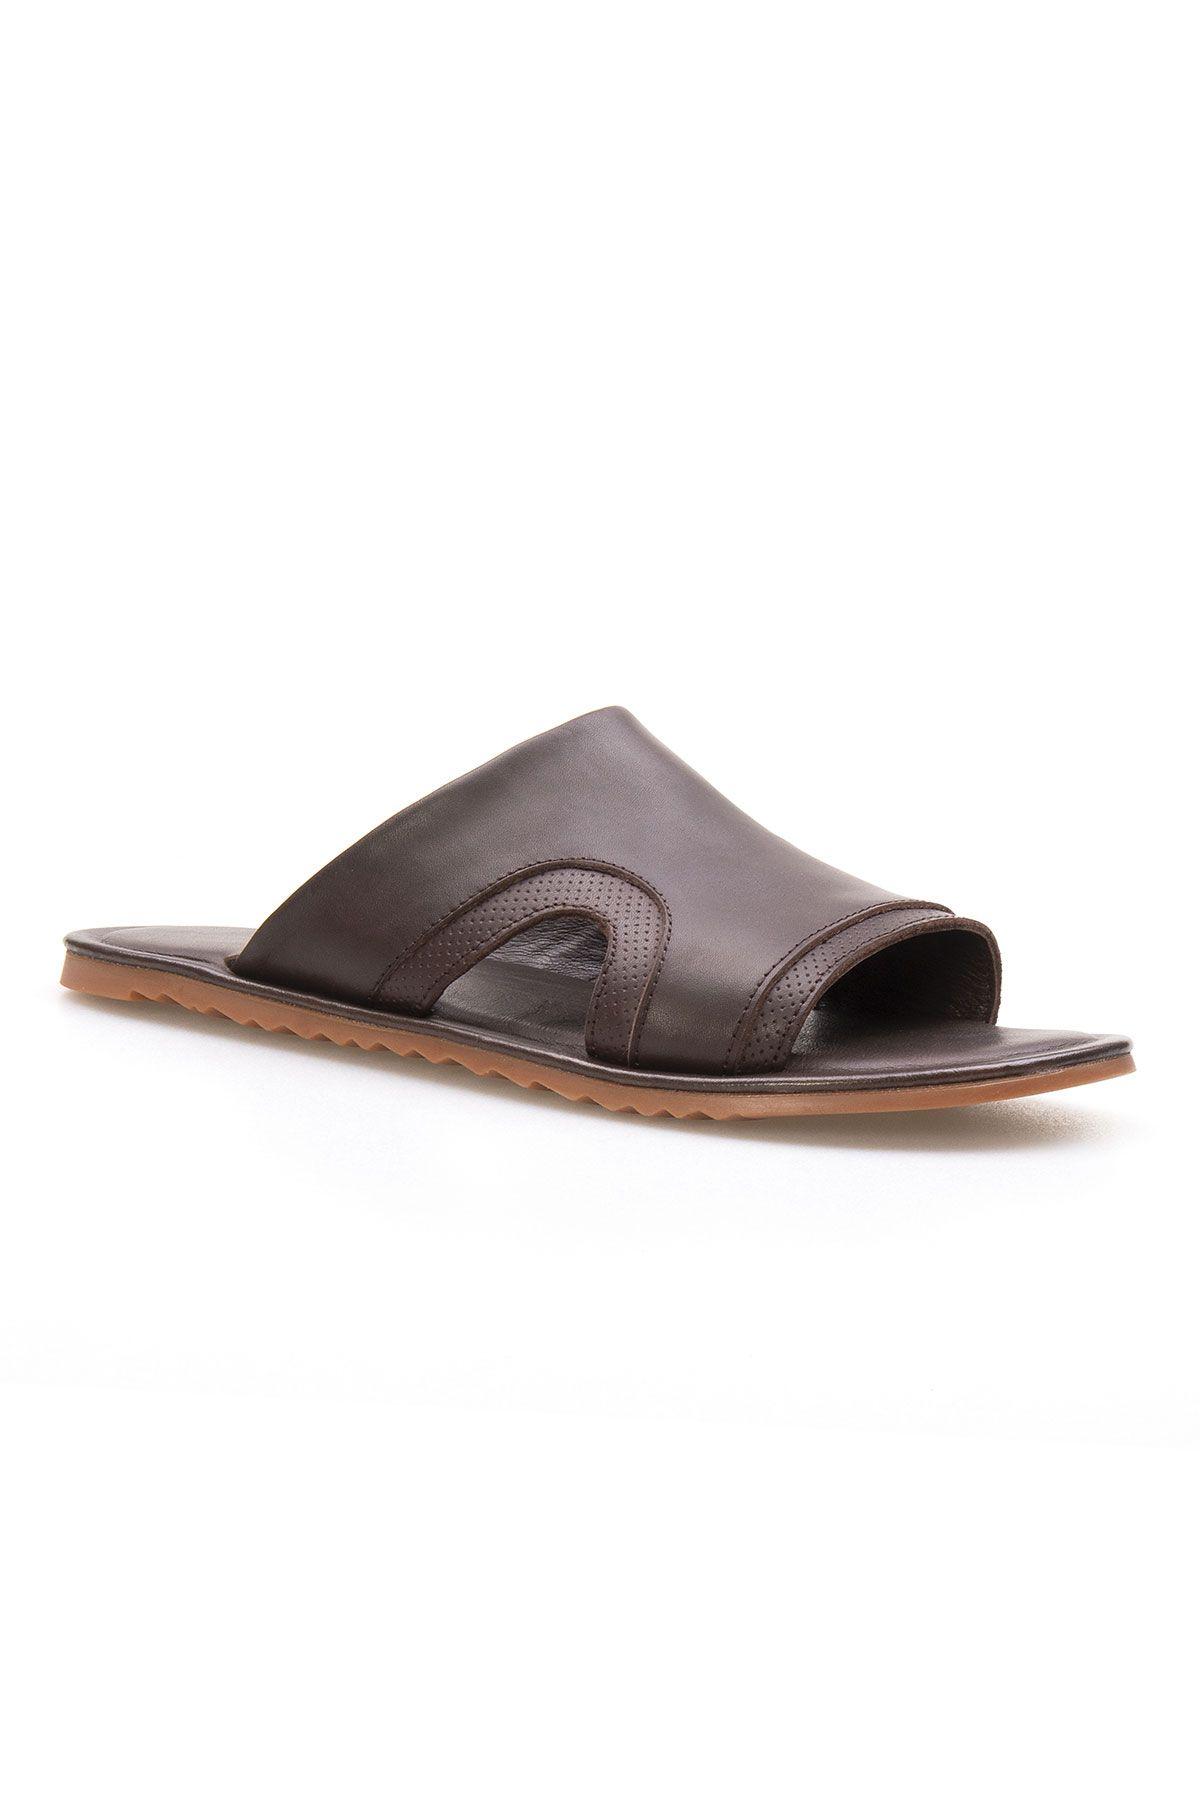 Florra Genuine Leather Men Slippers 203120 Brown